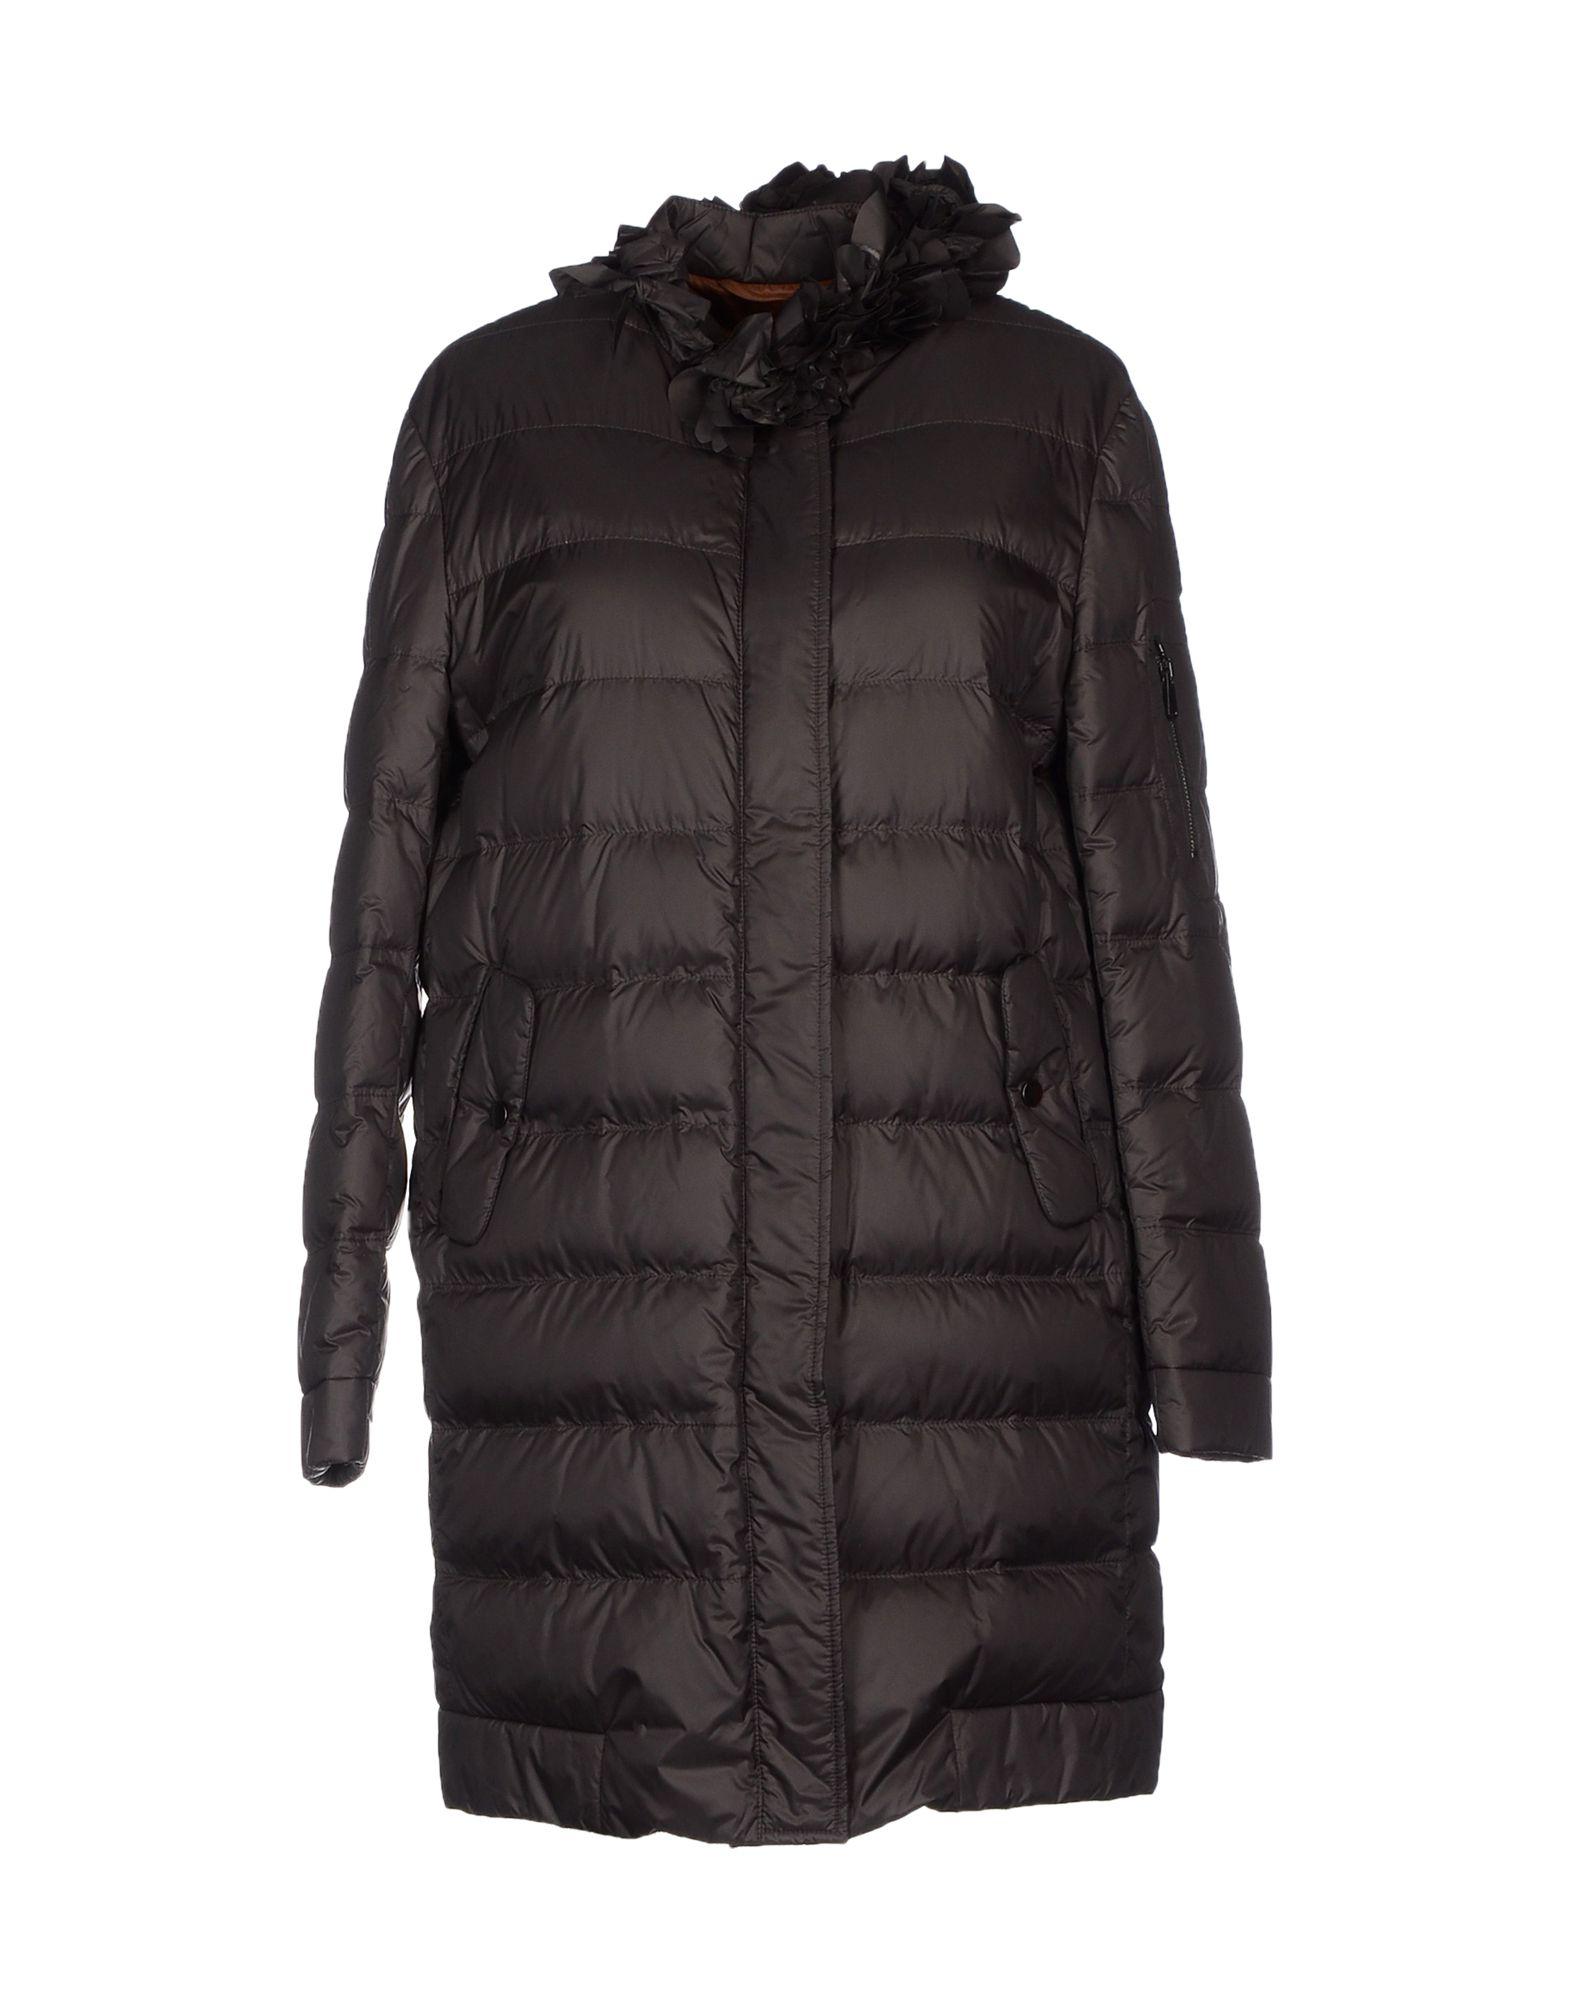 Lyst Brunello Cucinelli Down Jacket In Brown For Men